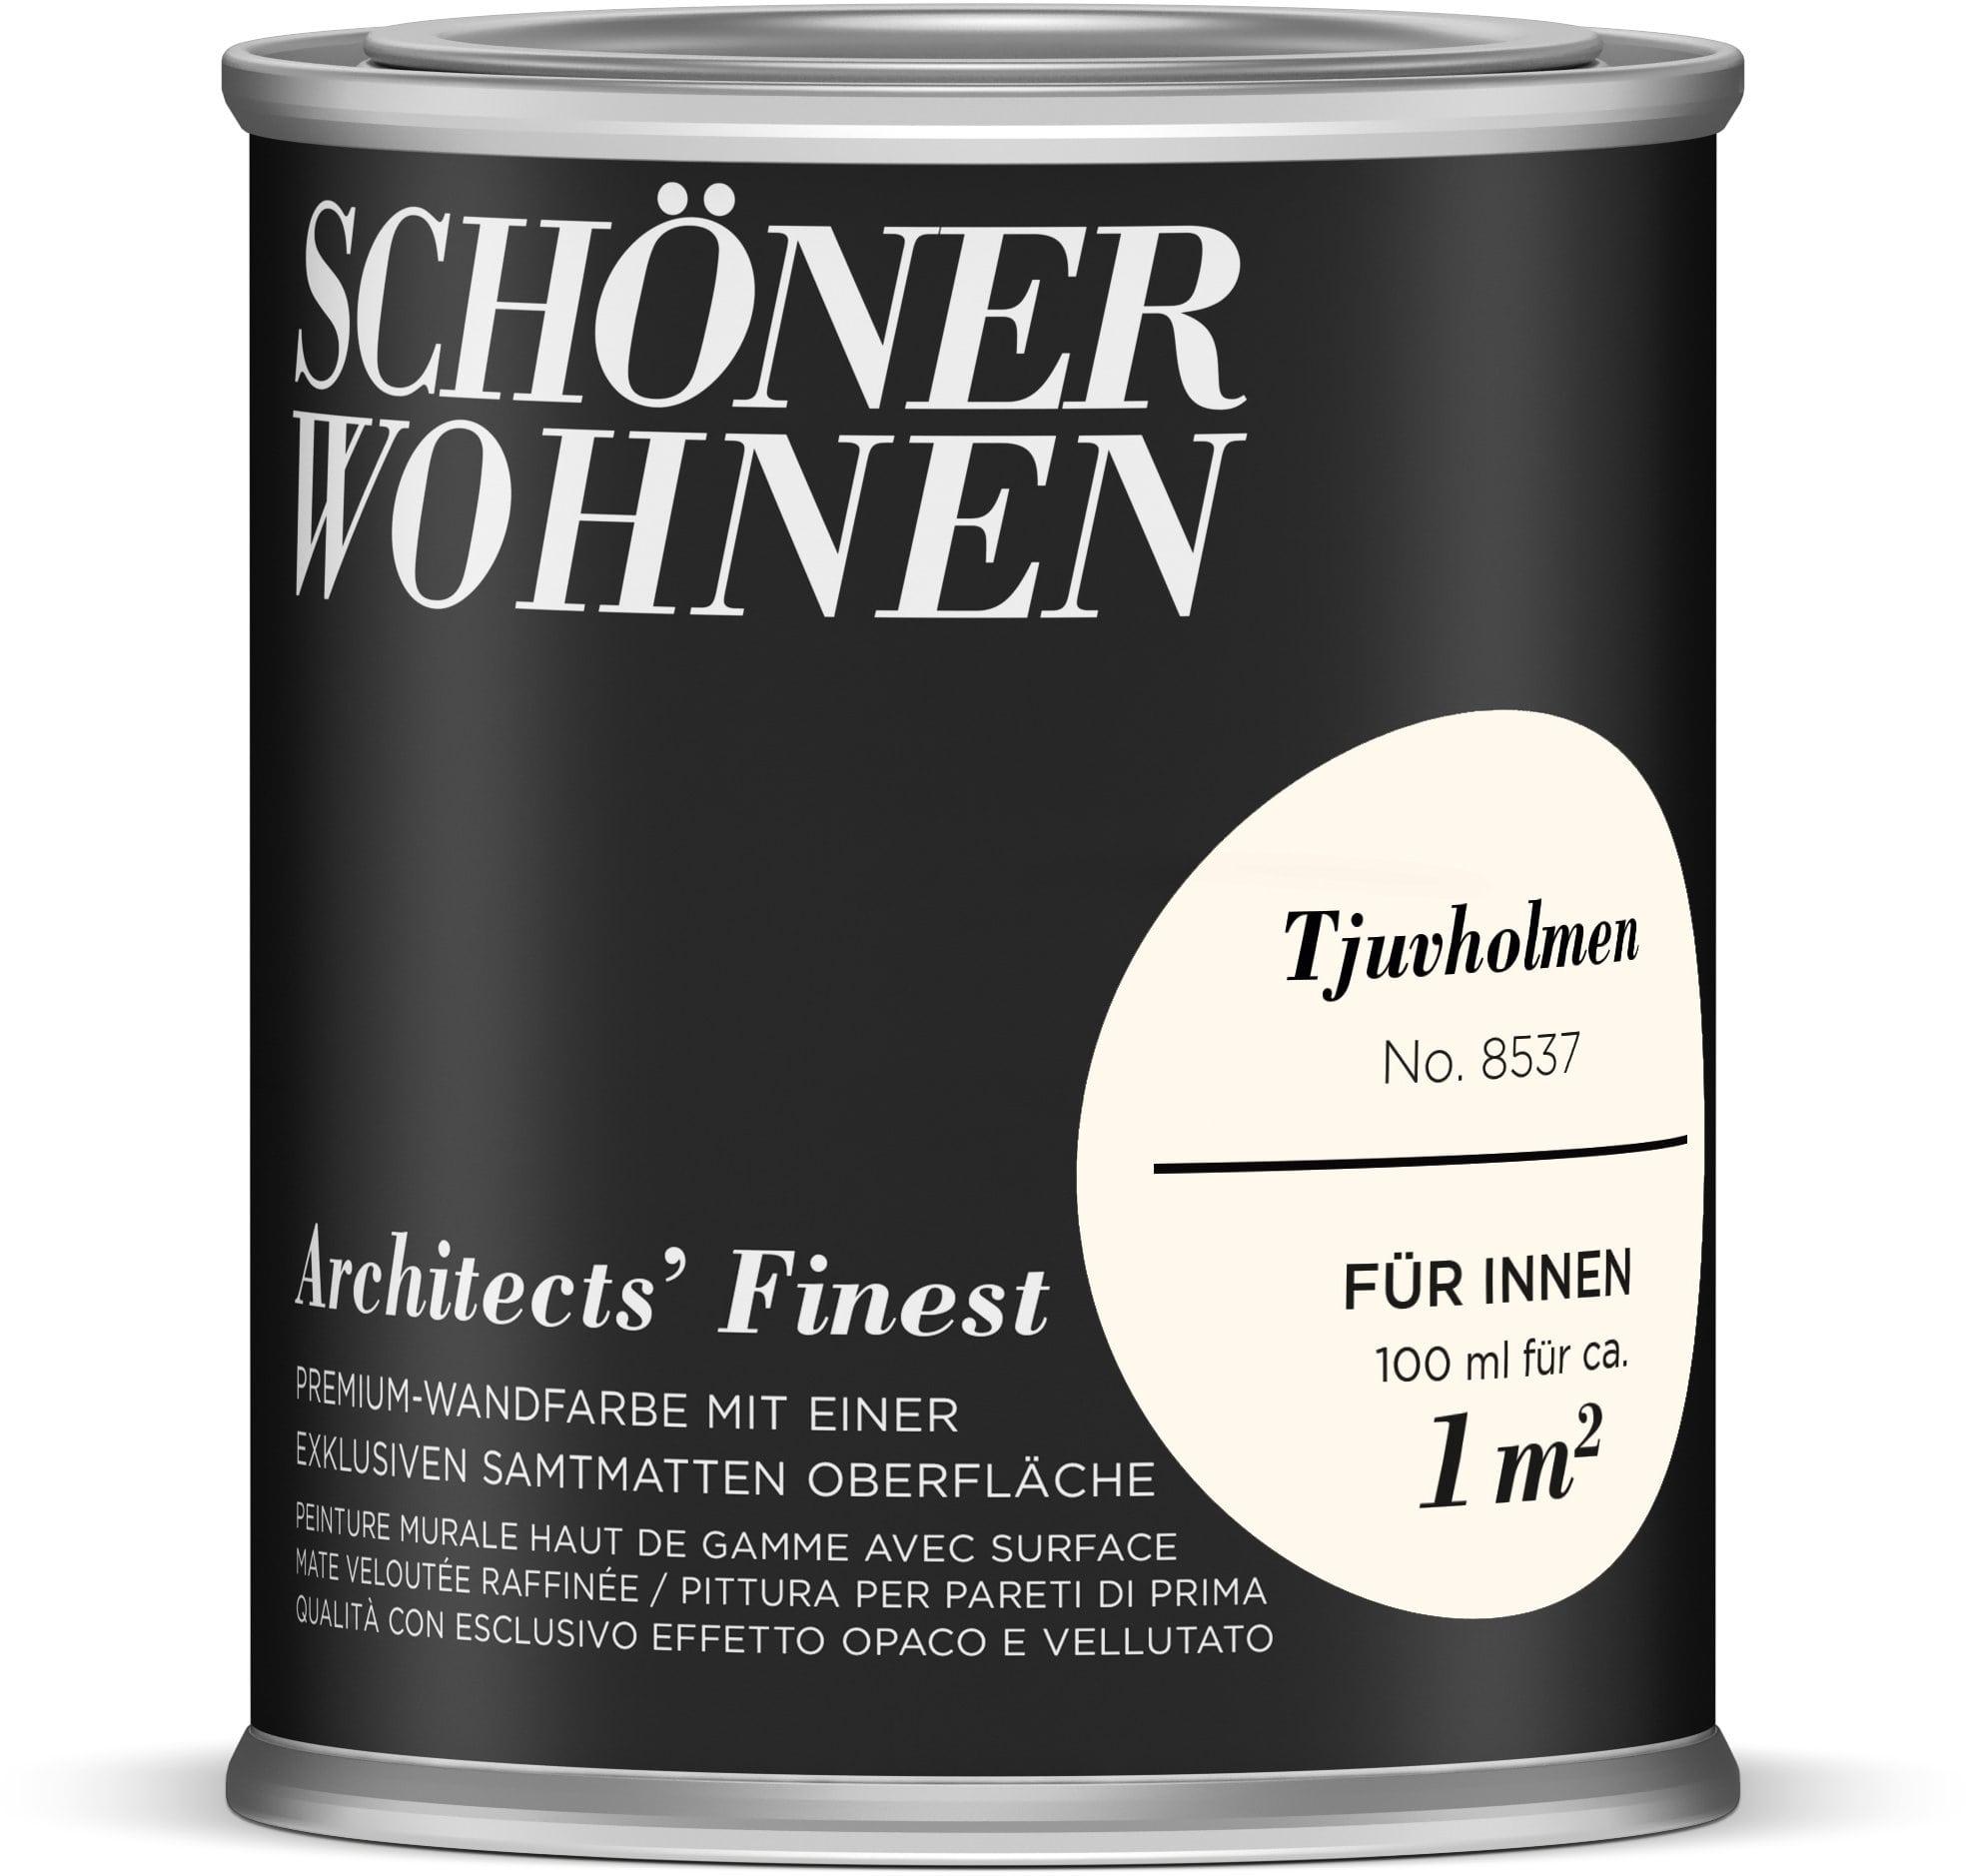 Schöner Wohnen Architects' Finest Tjuvholme 100 ml